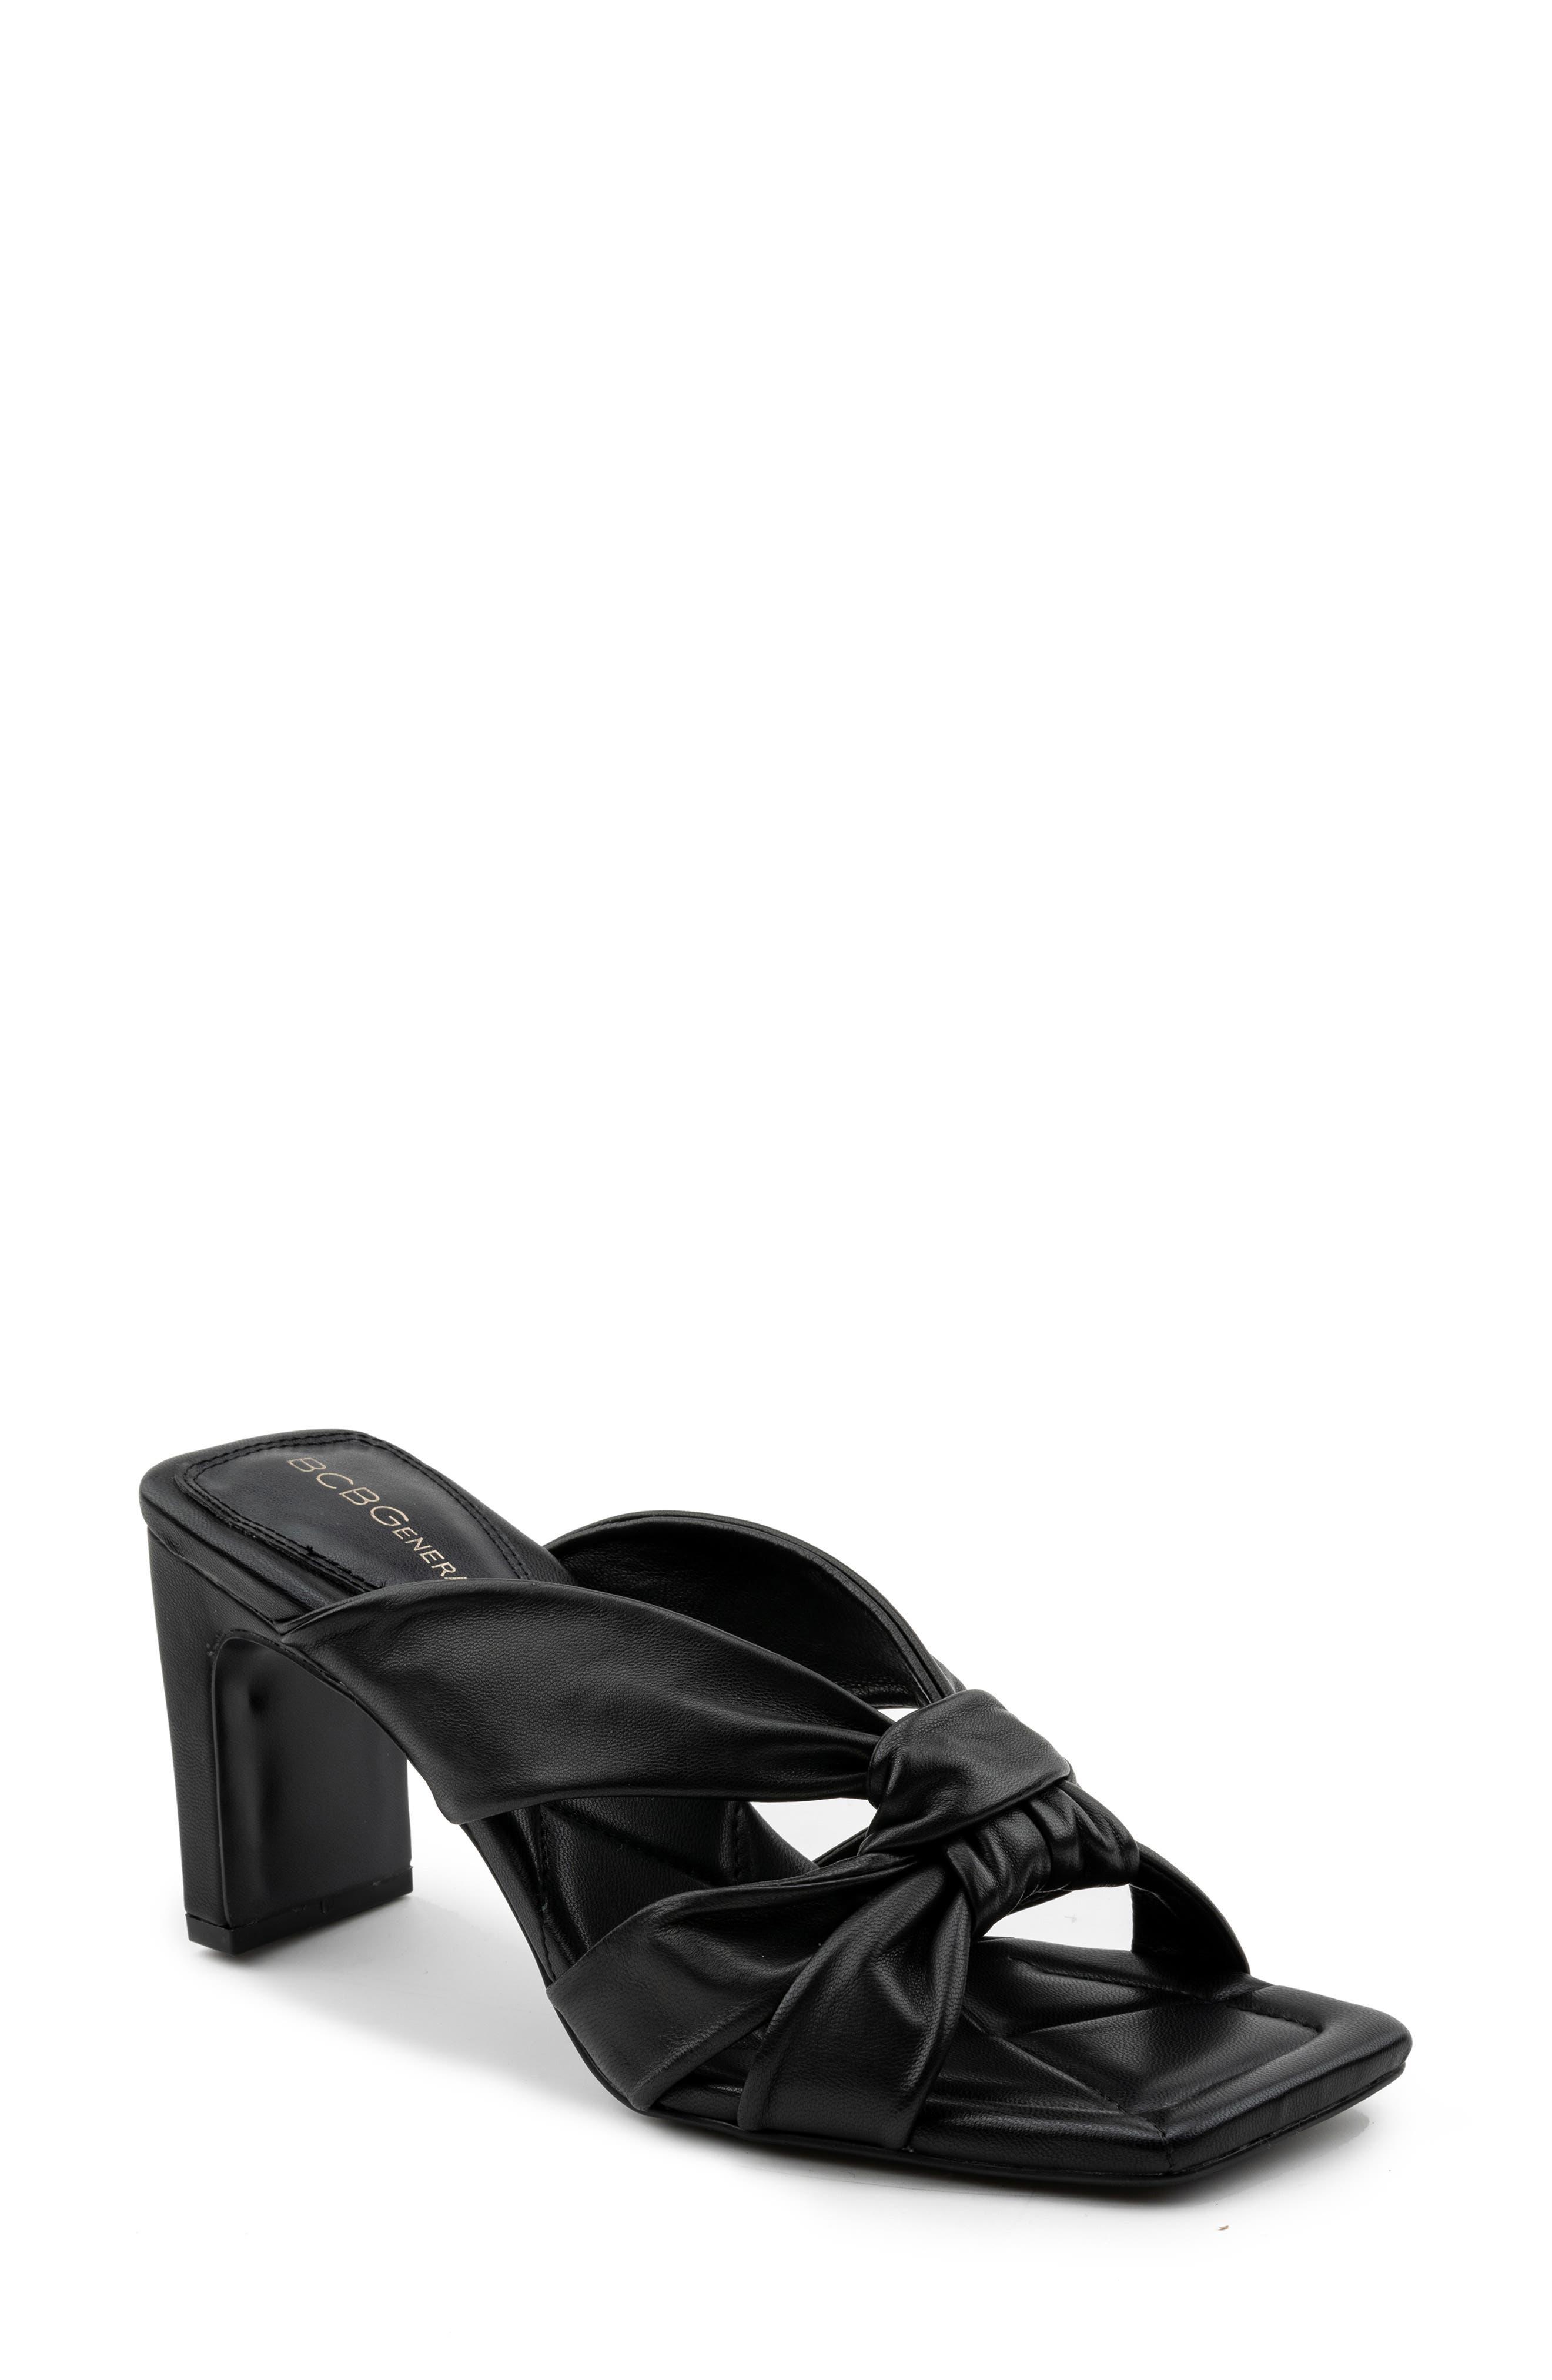 Fillah Slide Sandal